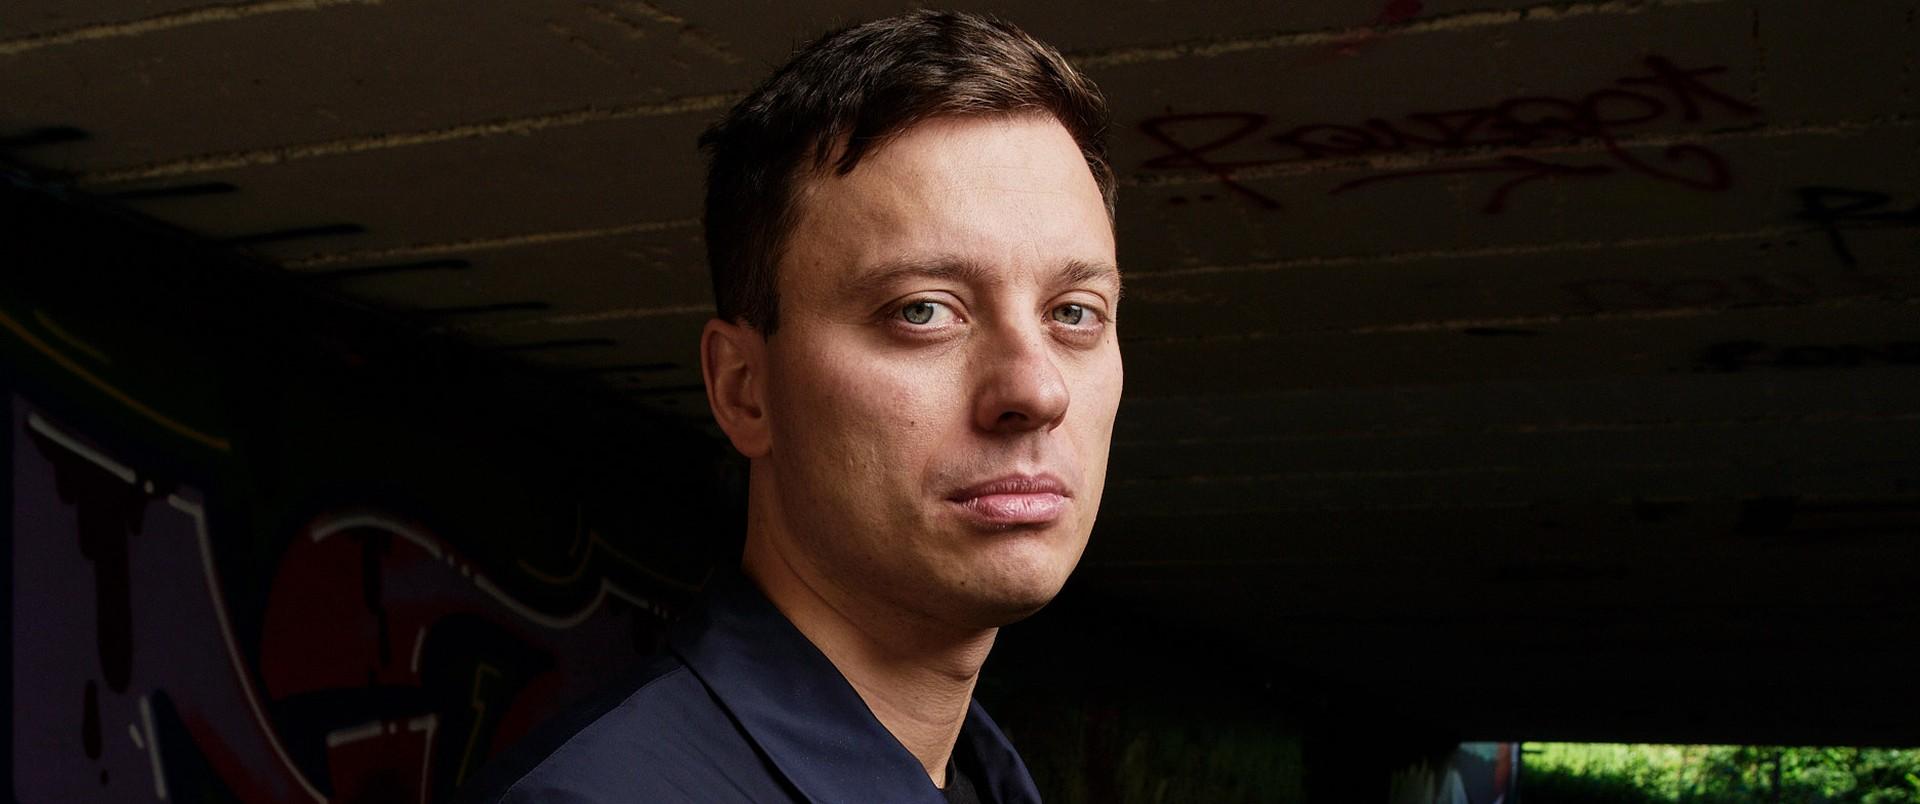 Rozmowy #BezUników Piotra Witwickiego